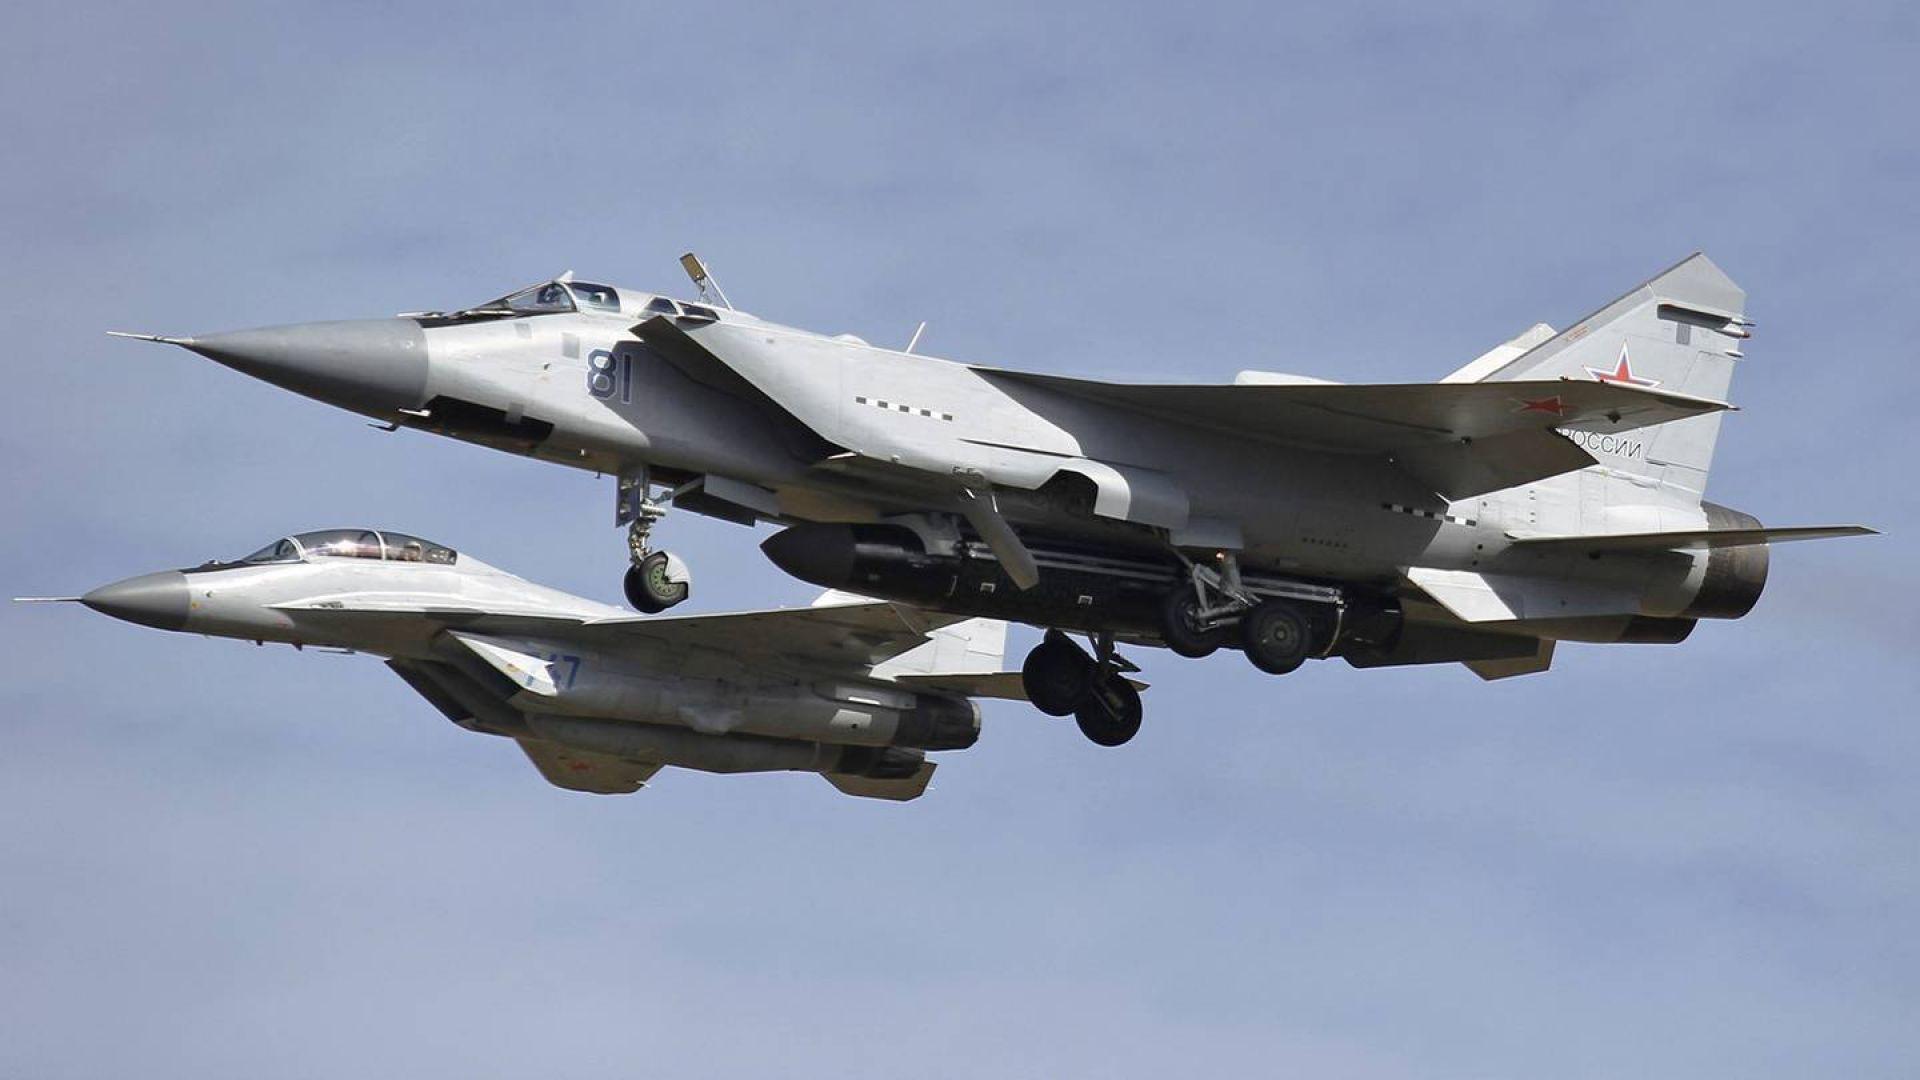 Заснеха МиГ-31 със странно оръжие